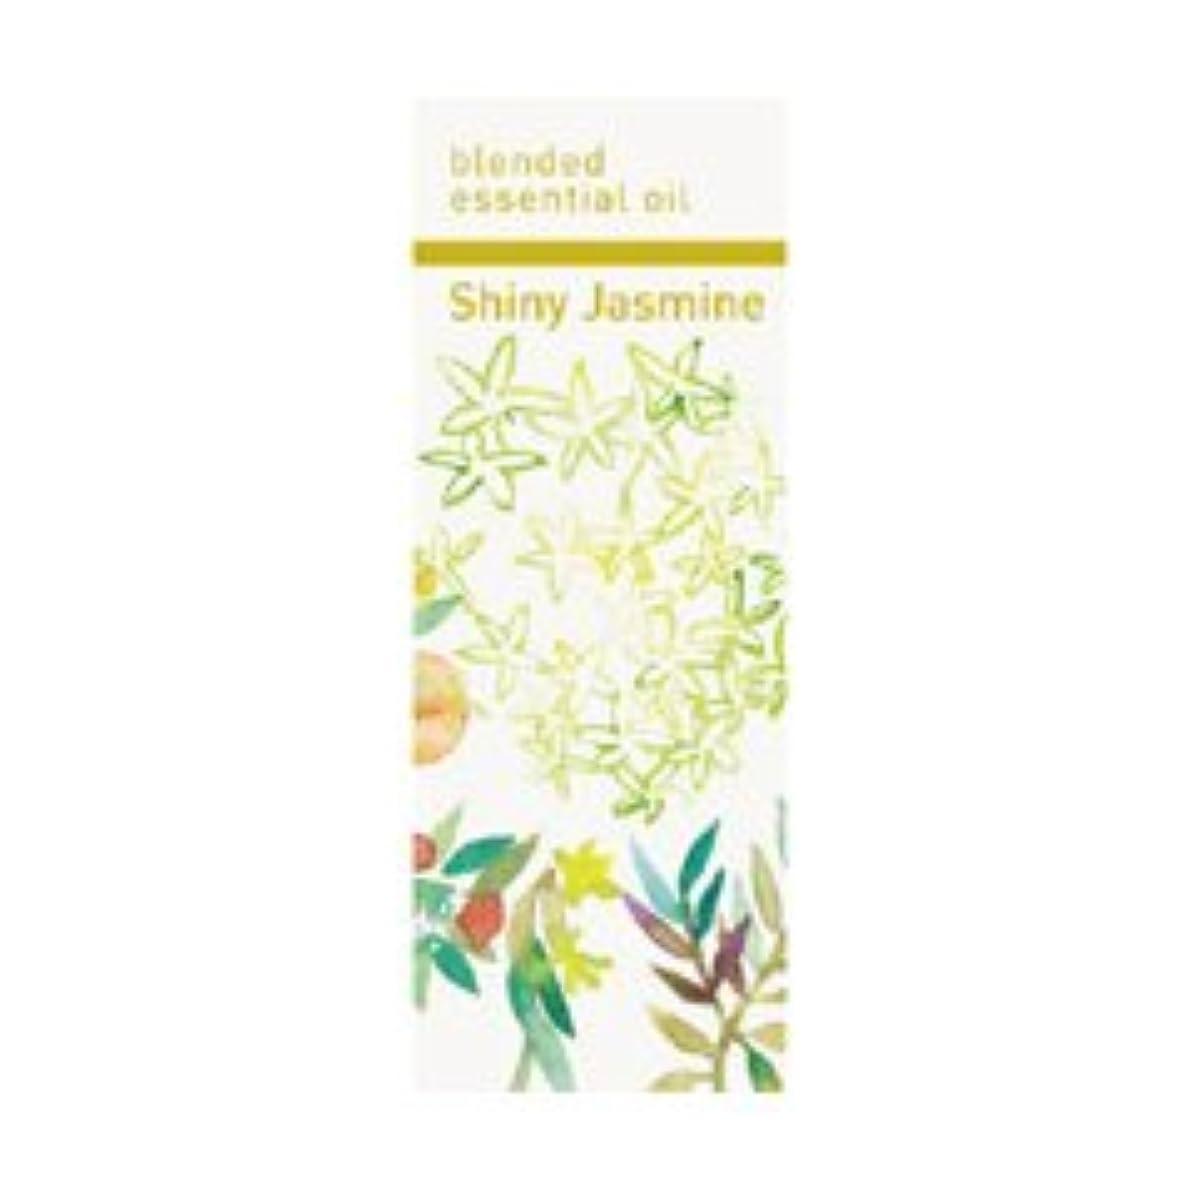 遠近法グレードカーフ生活の木 ブレンドエッセンシャルオイル シャイニージャスミン [30ml] エッセンシャルオイル/精油